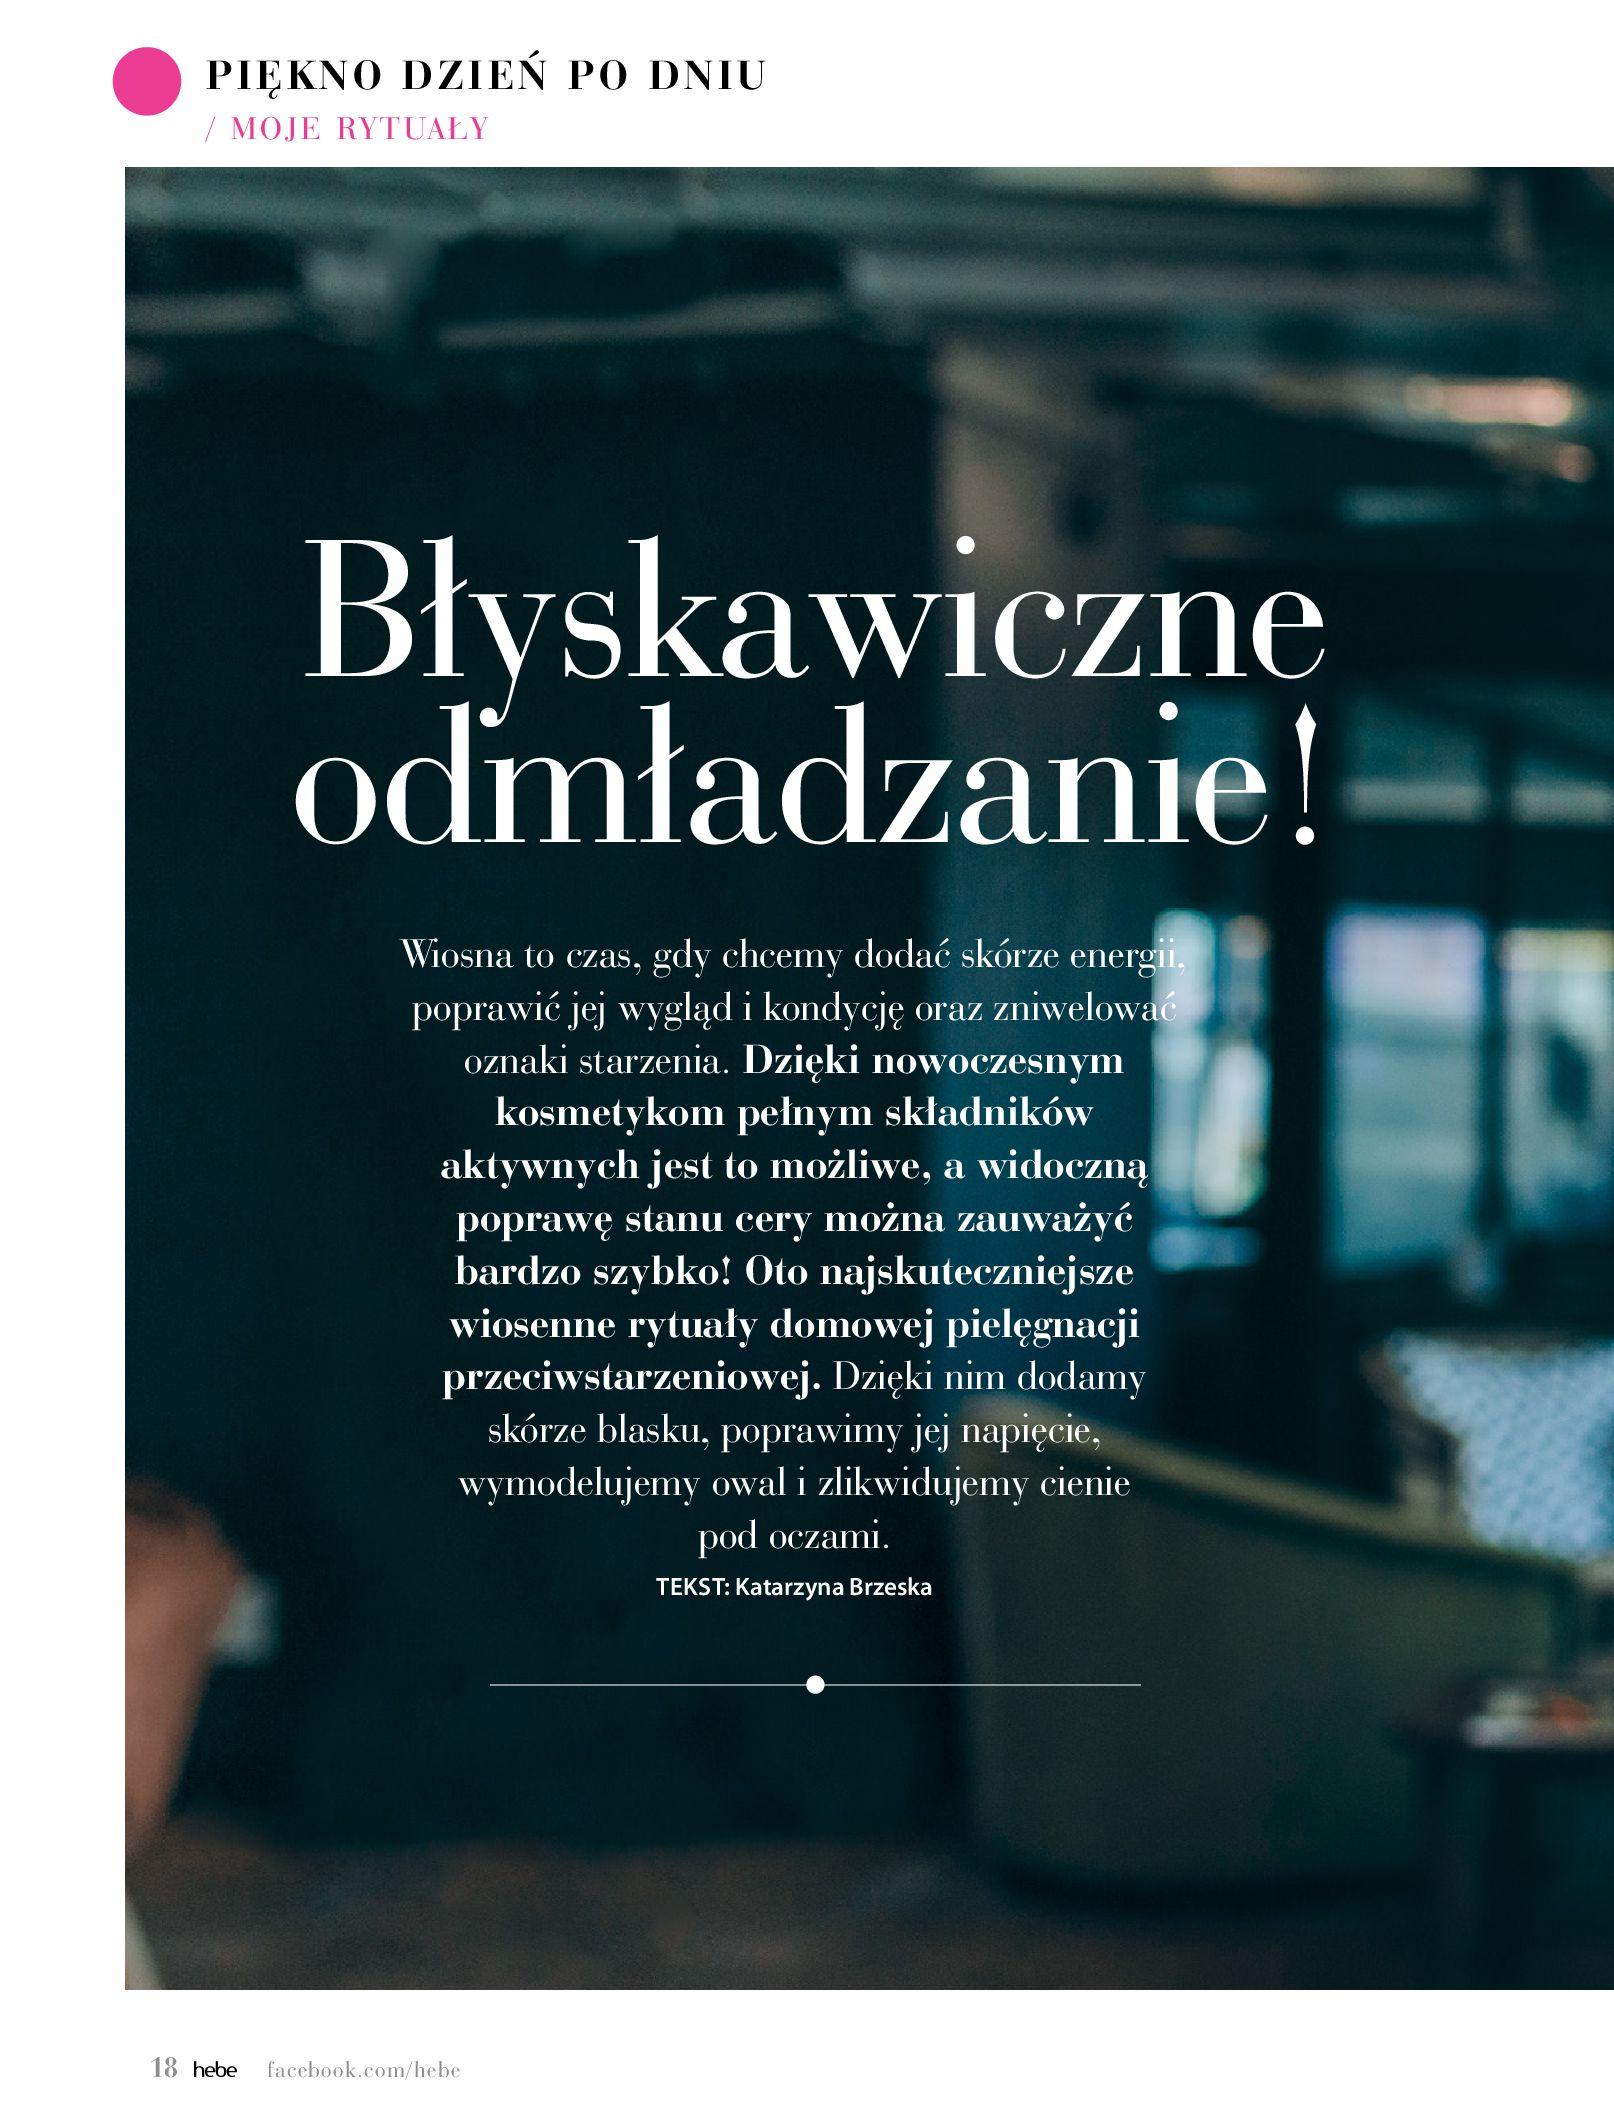 Gazetka hebe: Magazyn hebe 2021-03-11 page-18